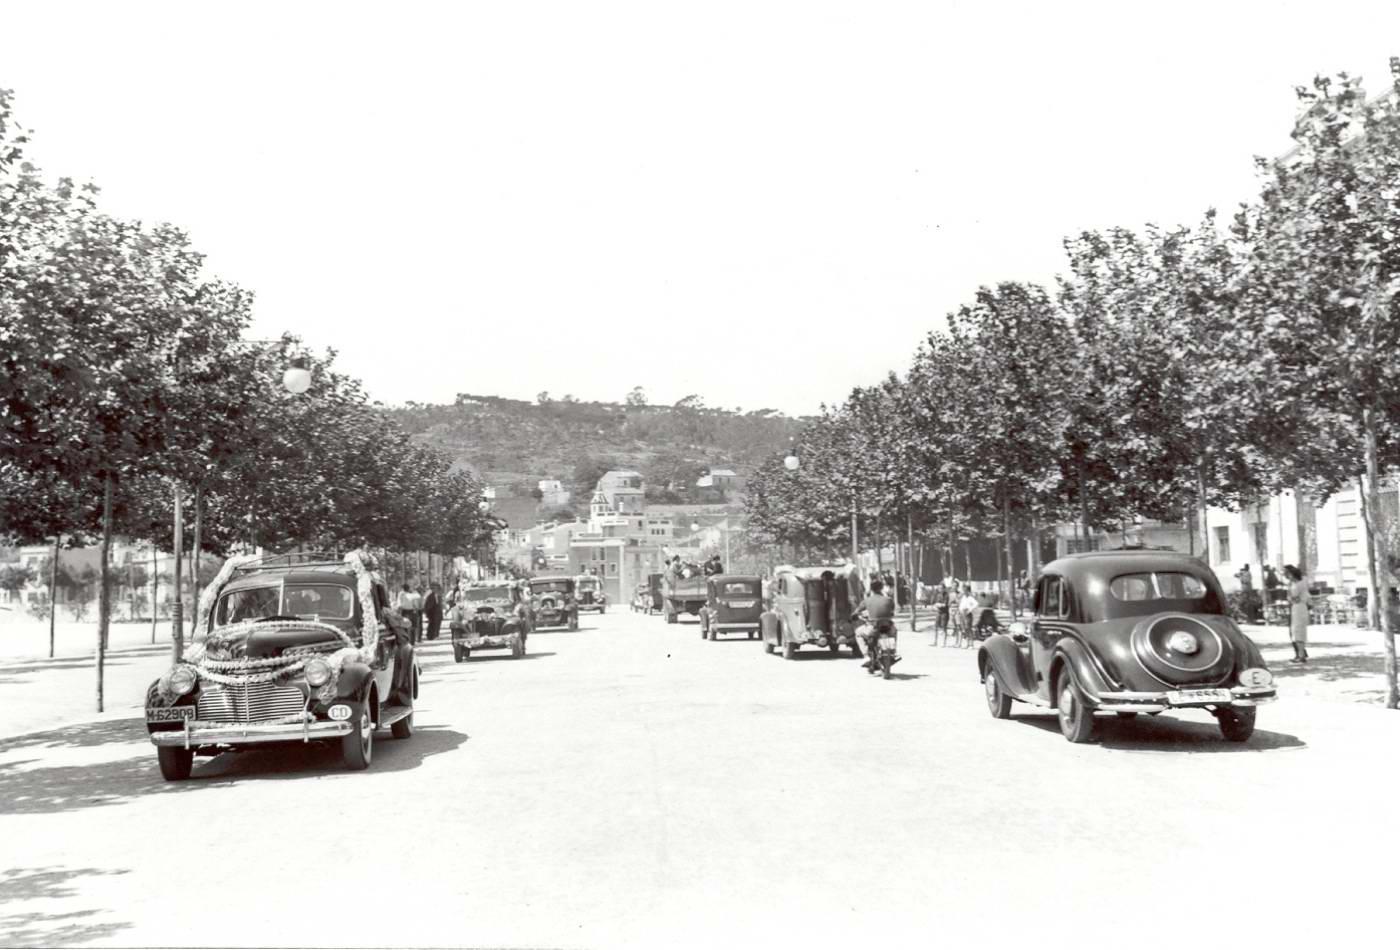 Cotxes engalanats per a la benedicció de la diada de Sant Cristòfol al passeig del Mar, anys 40 AMSFG. Fons Pere Rigau (autor Pere Rigau)